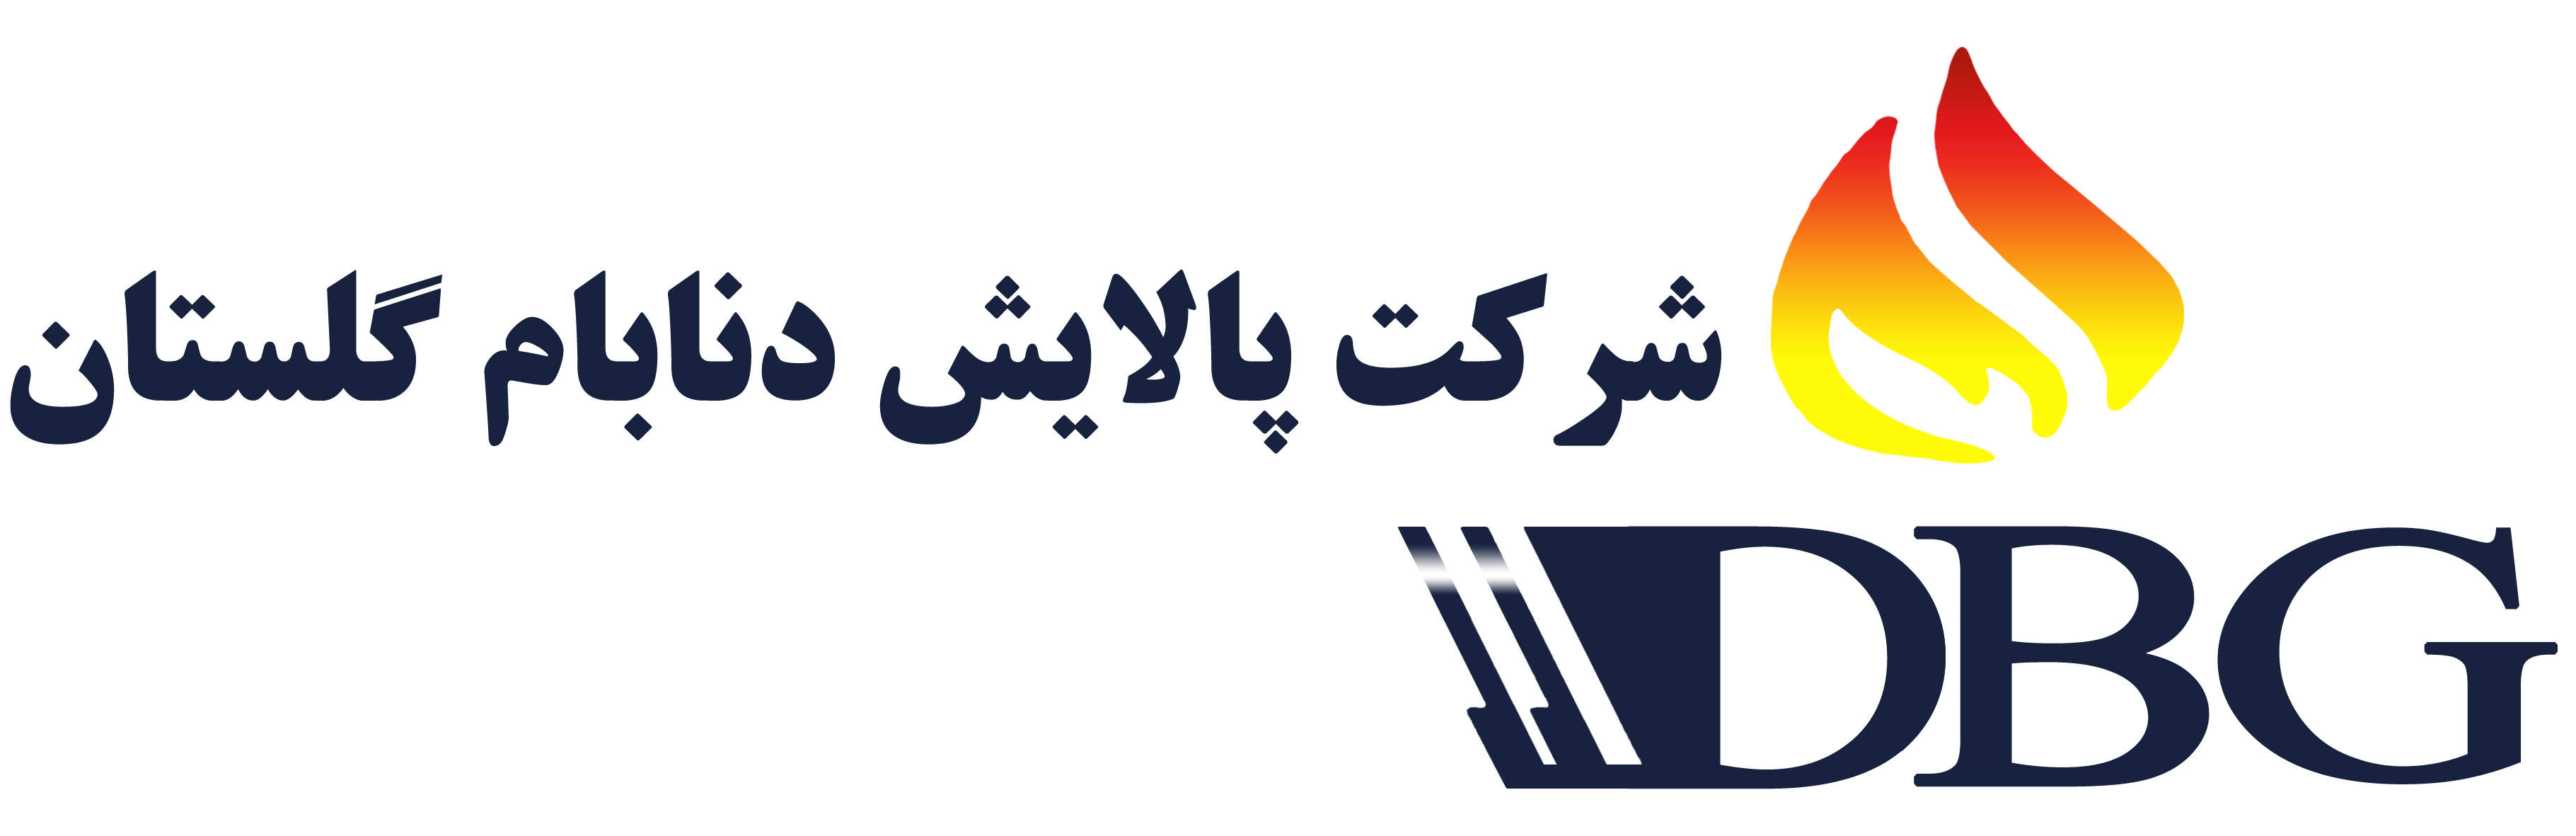 شرکت پالایش دنابام گلستان